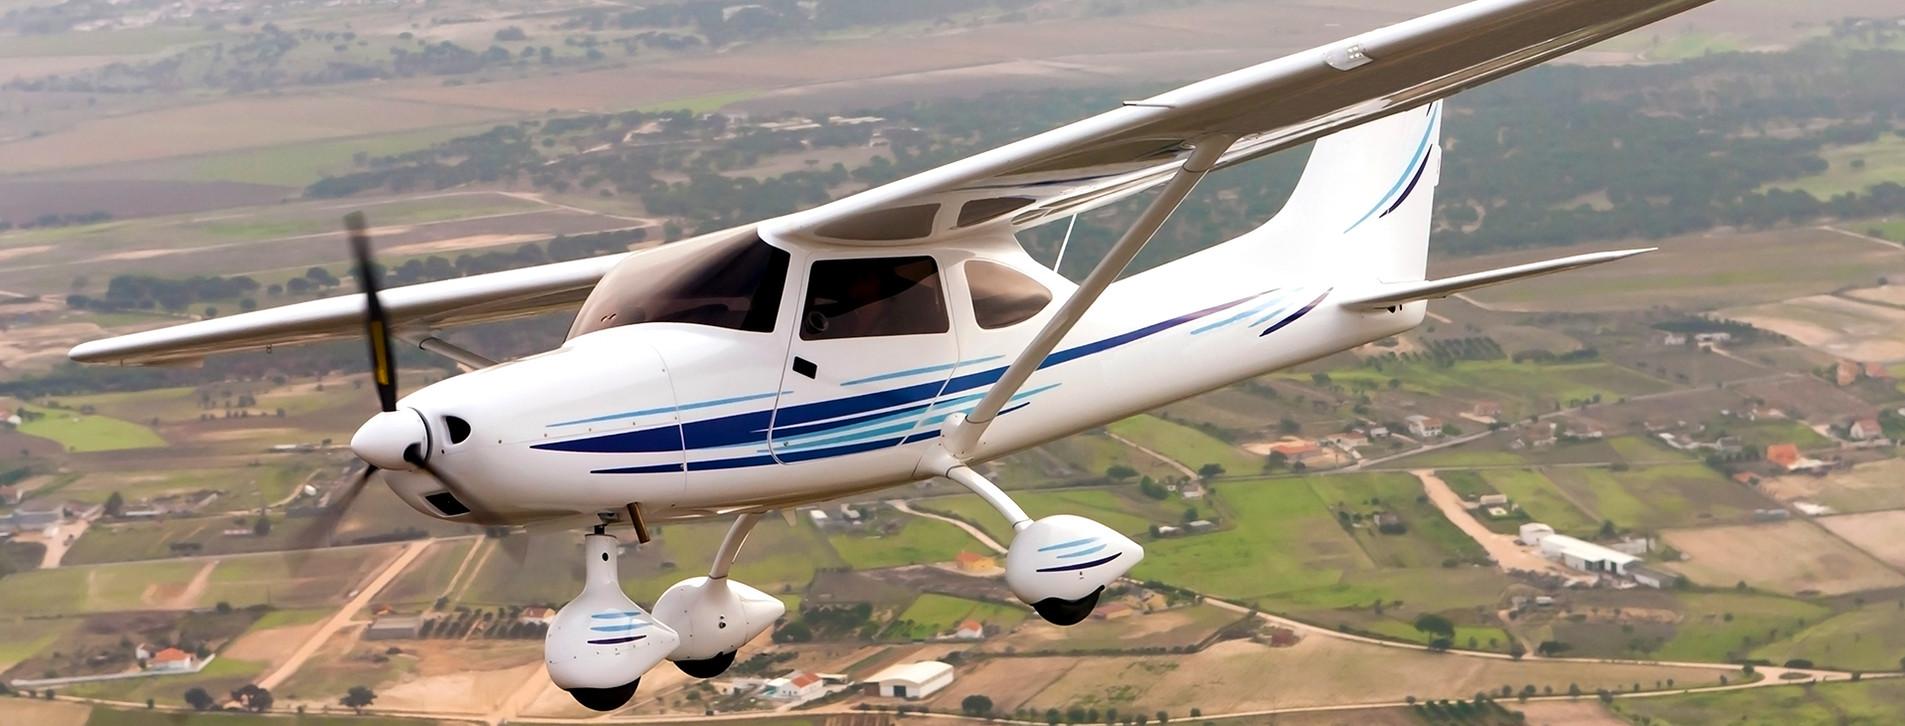 Фото 1 - Полет на легком самолете